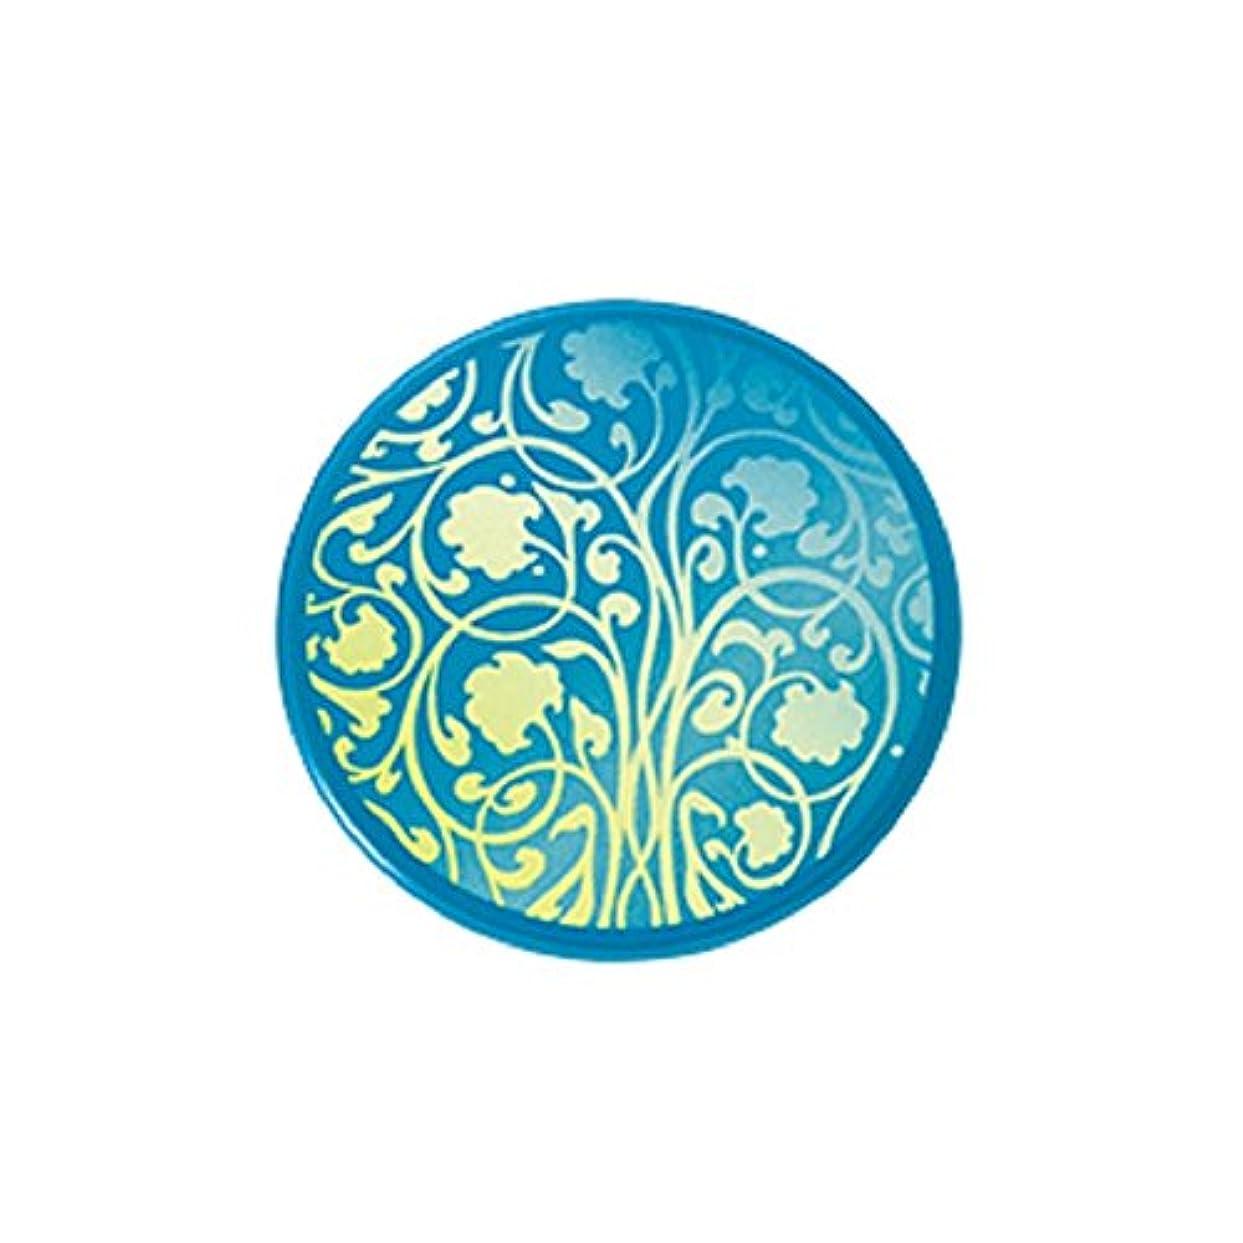 一握り胆嚢受けるアユーラ (AYURA) ウェルフィット アロマバーム 14g 〈ソリッドパヒューム〉 心地よい森林の香気